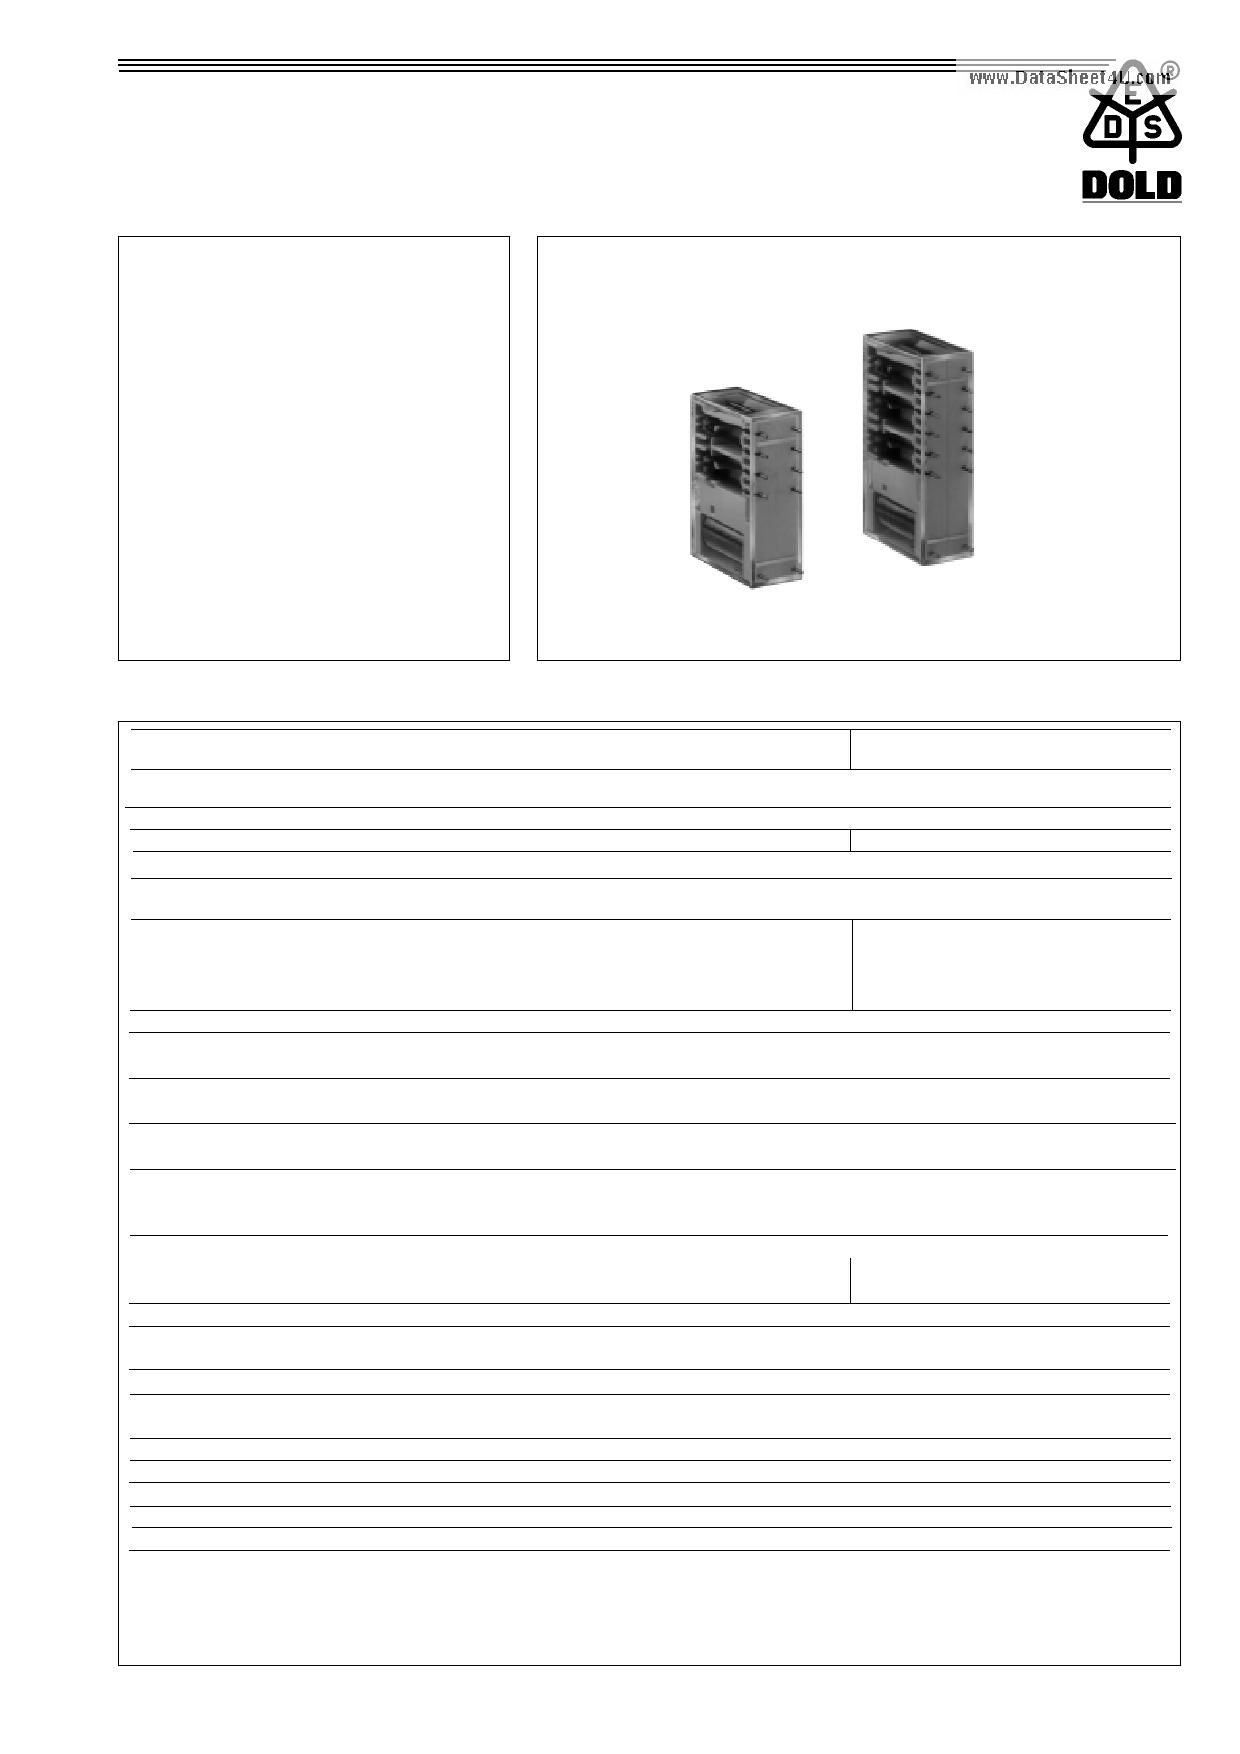 OA5612 Hoja de datos, Descripción, Manual